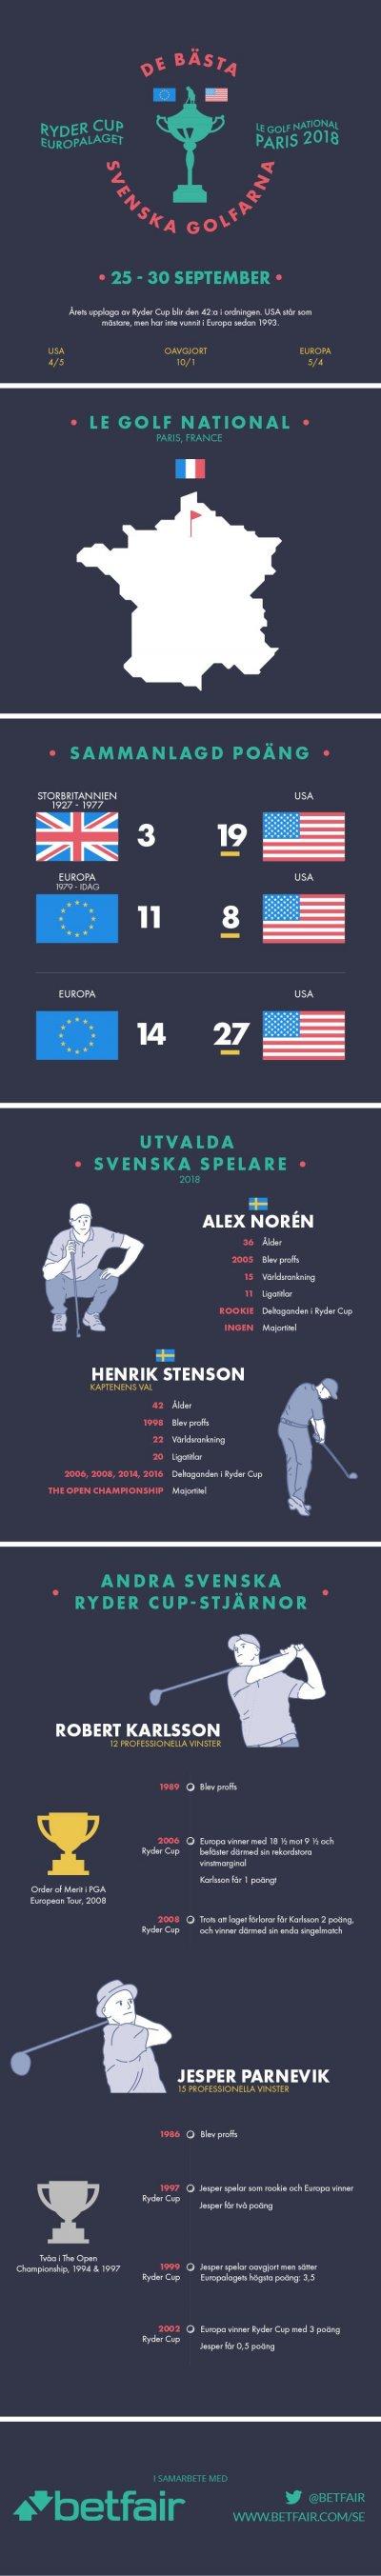 Infografik Ryder Cup Europalaget